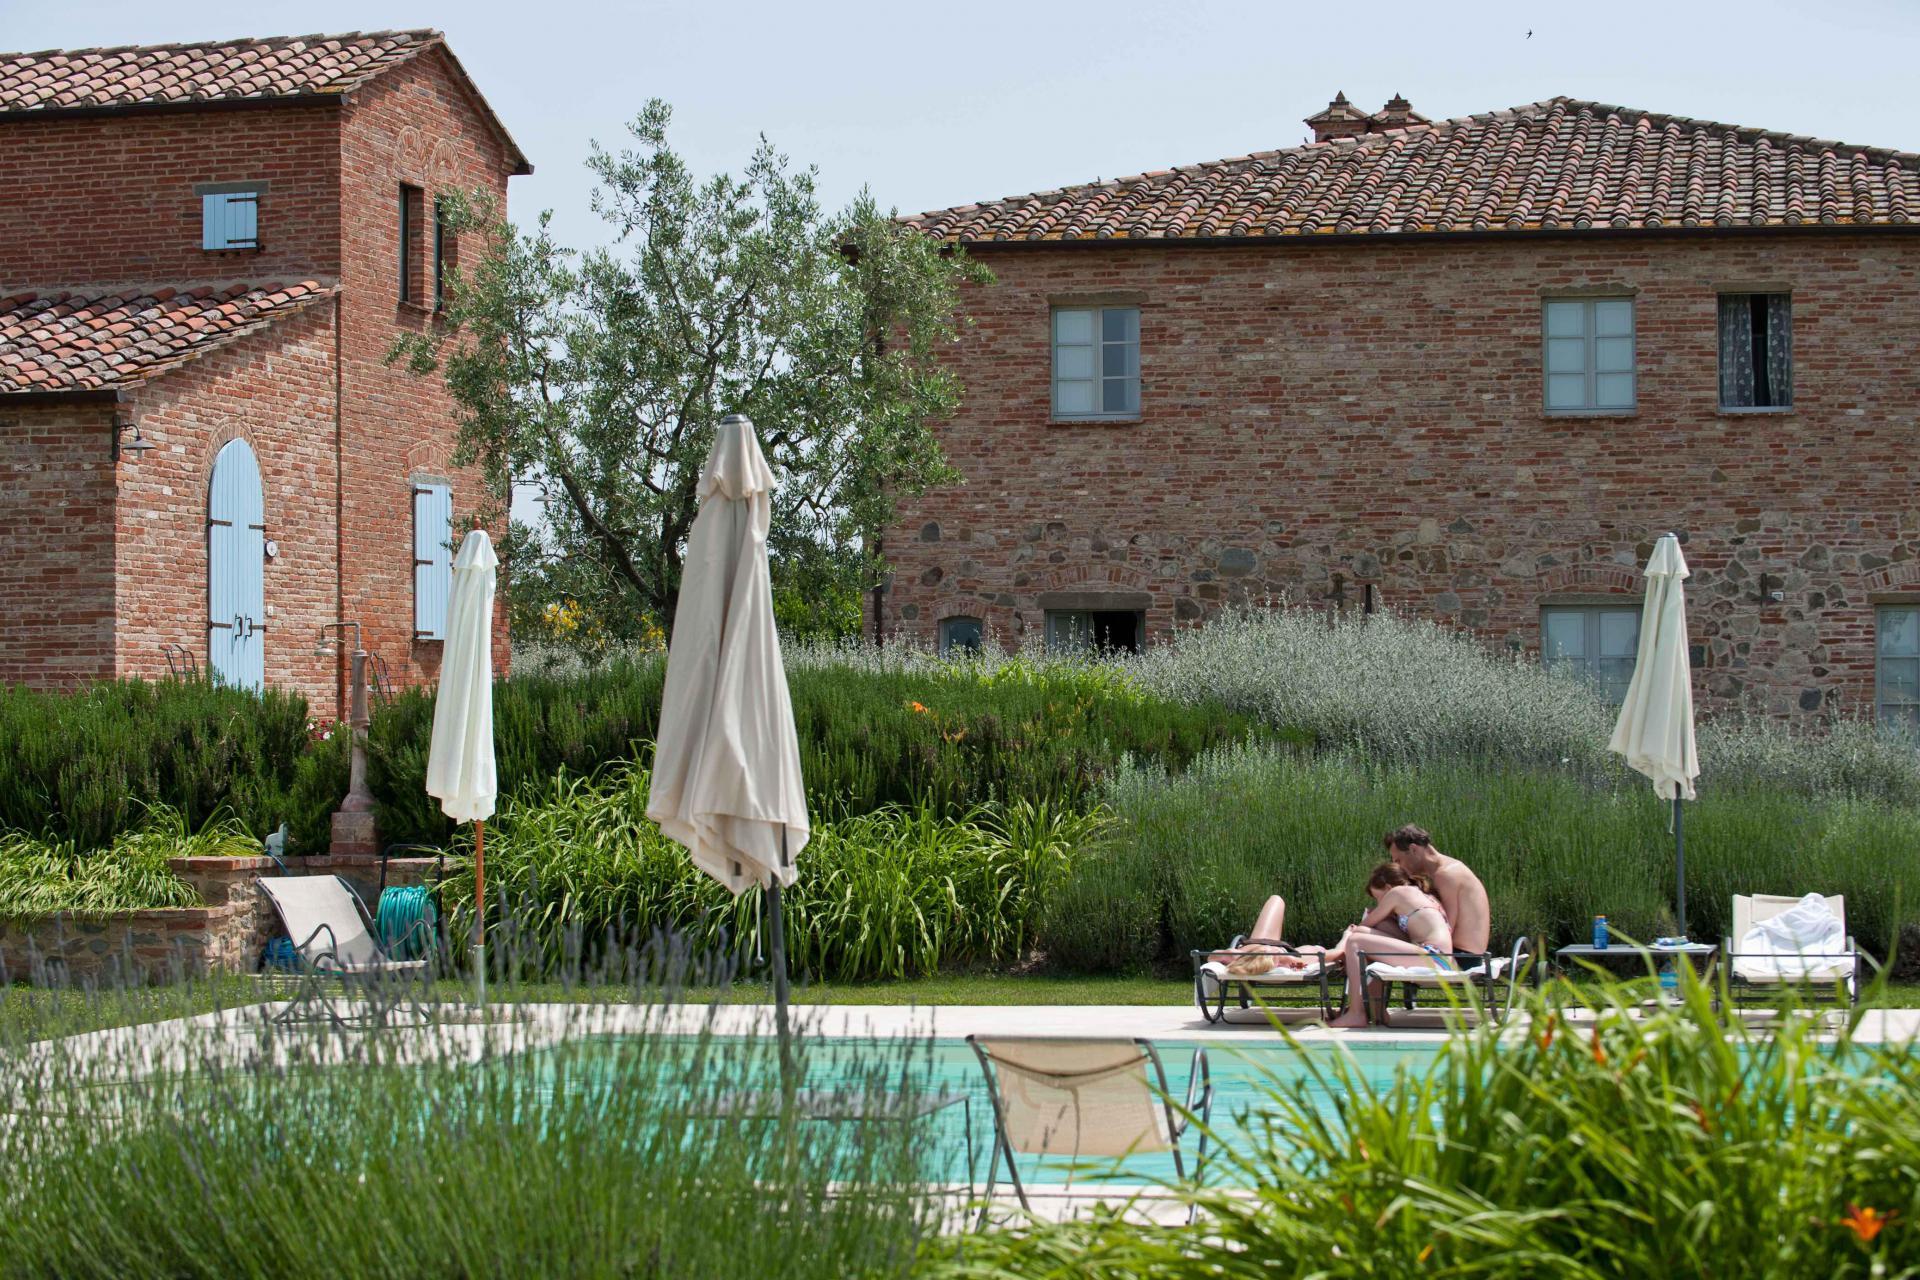 Agriturismo Umbria Agriturismo ad Assisi in Umbria con interni eleganti